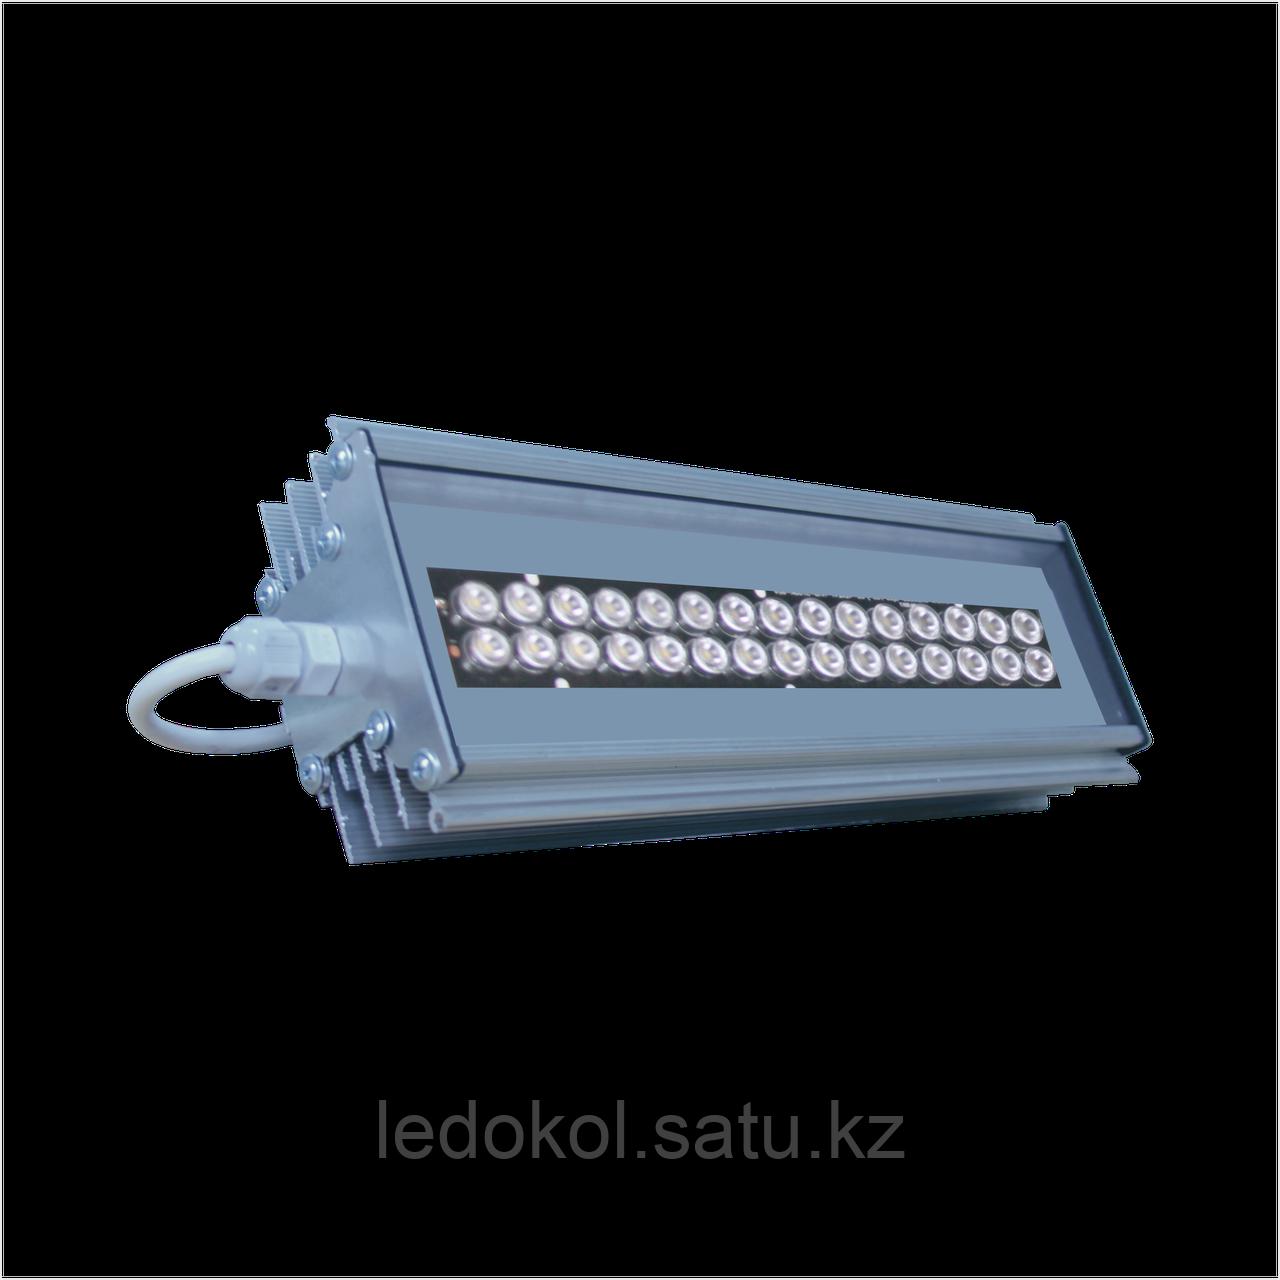 Светильник 50 Вт, Промышленный светодиодный, алюминиевый корпус